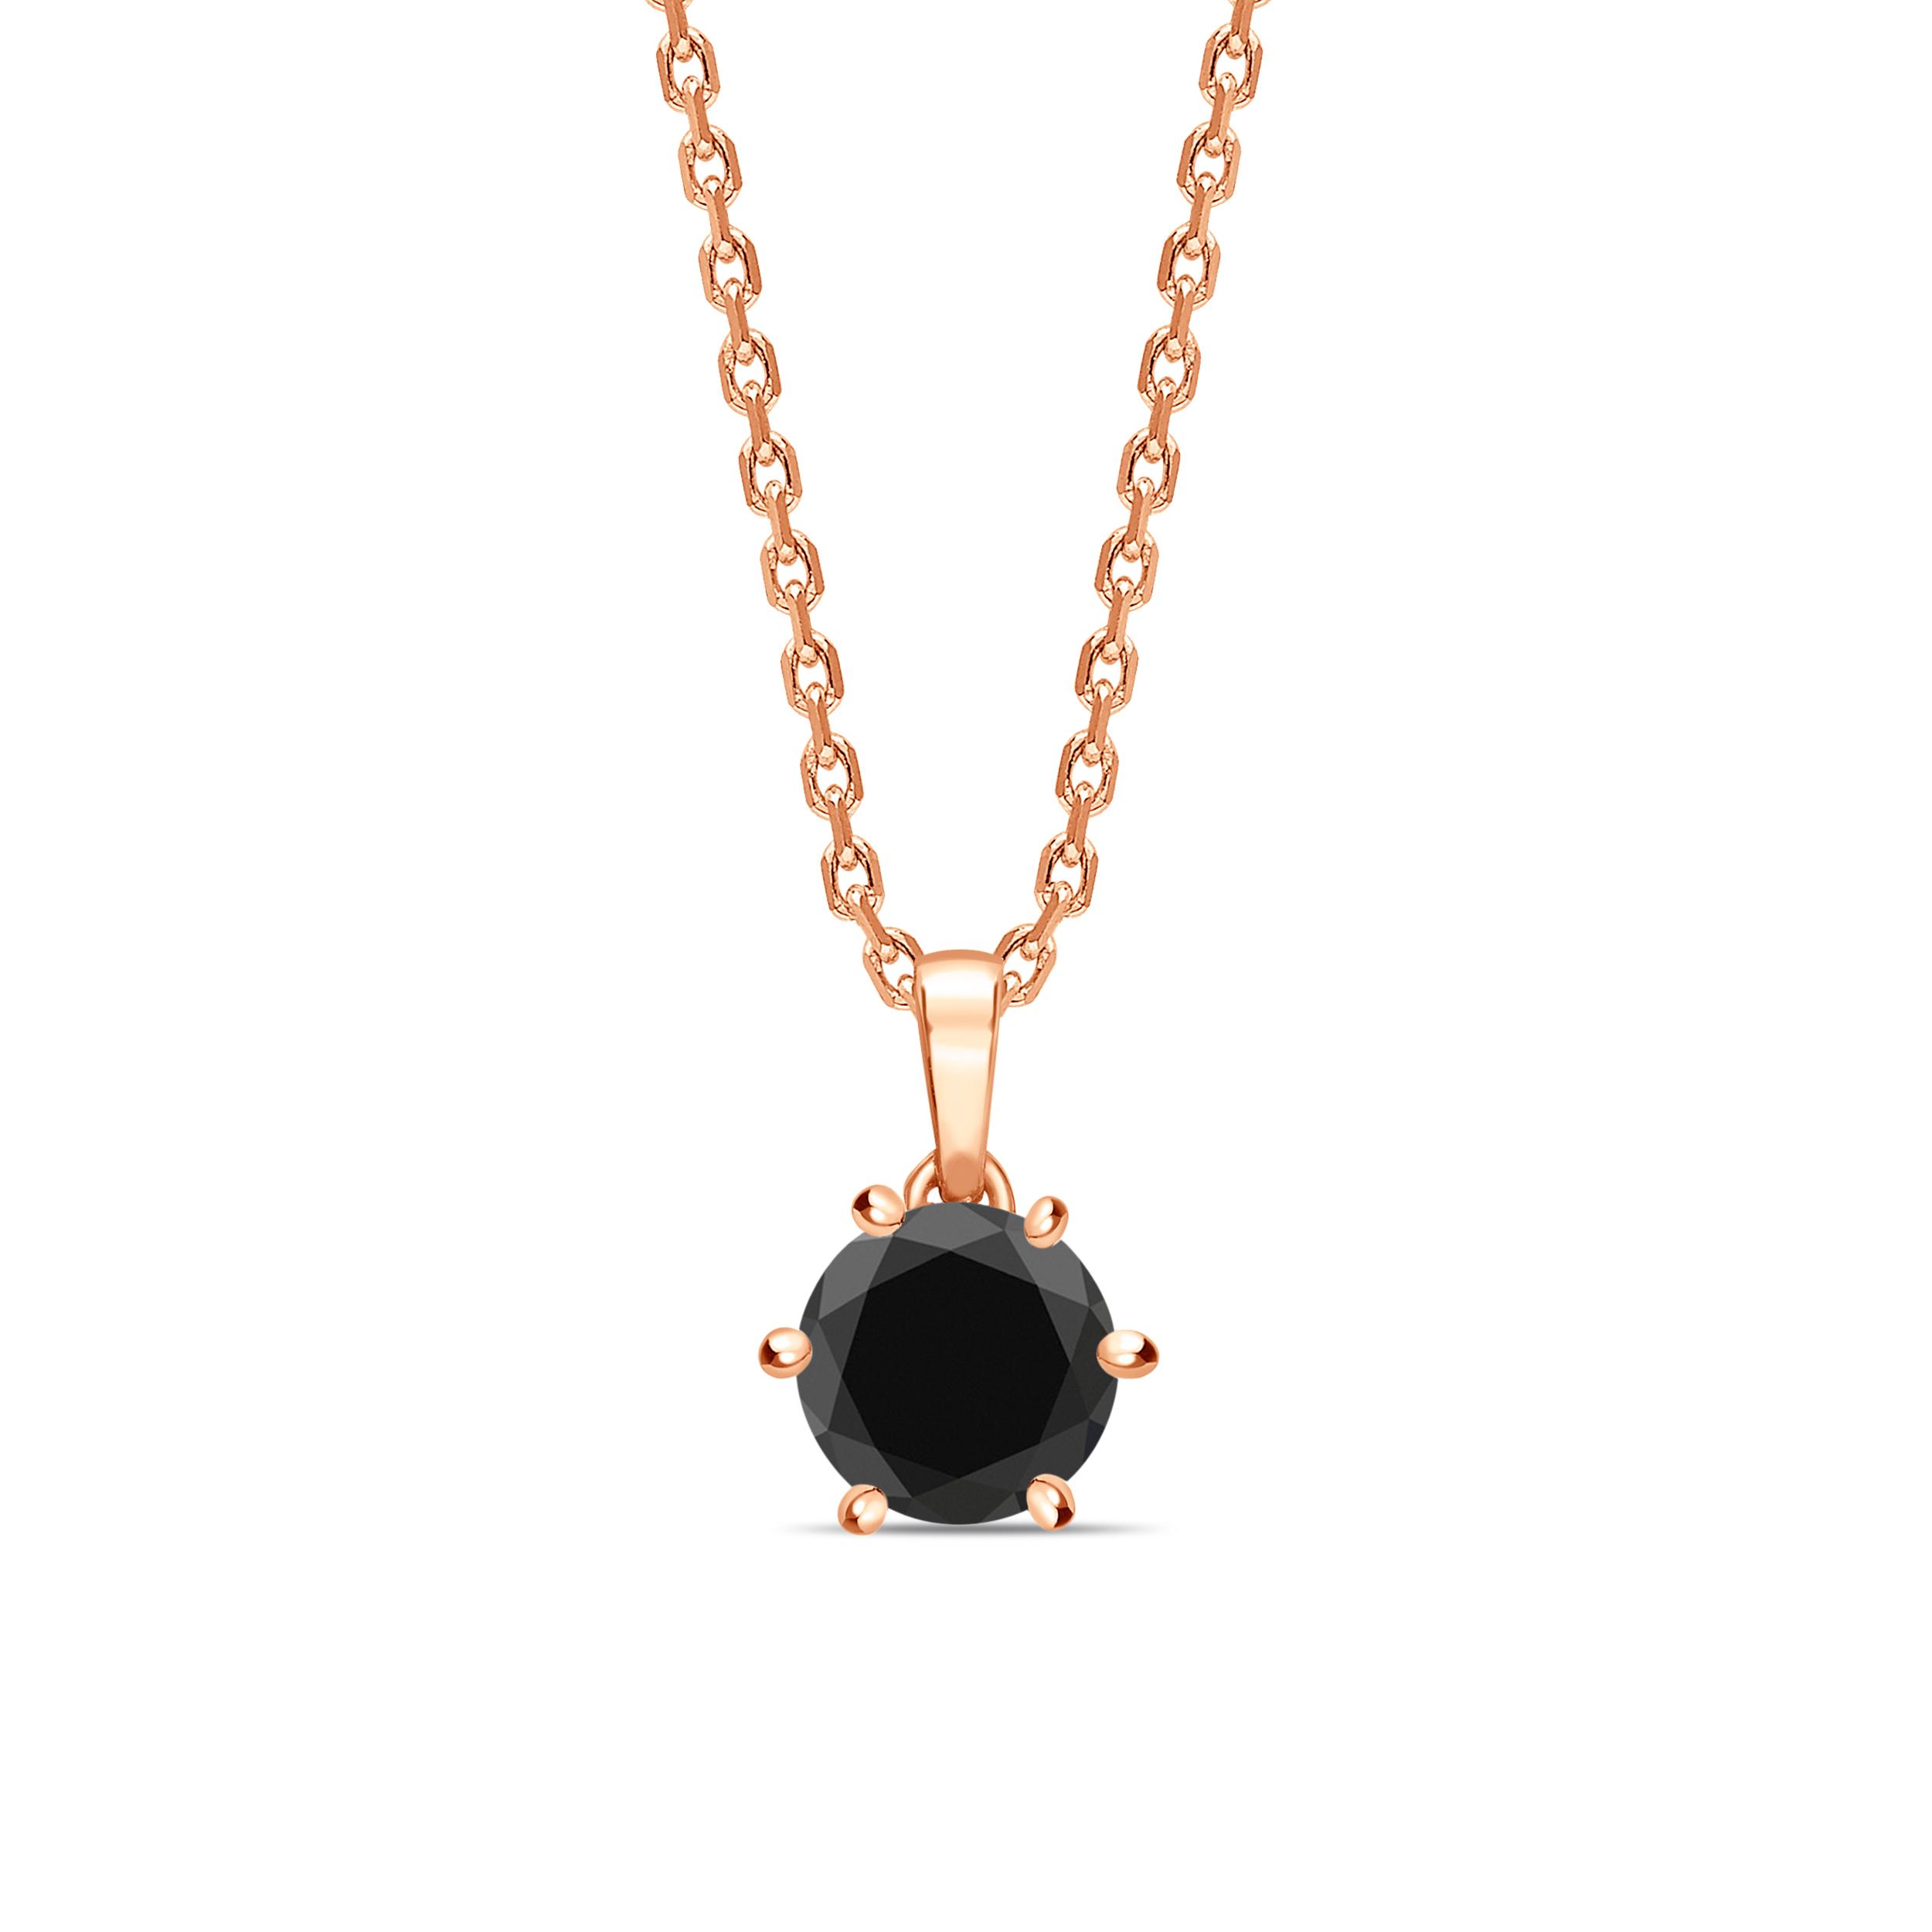 Solitaire Black Diamond Solitaire Pendants Necklace Round Cut & Crown Style